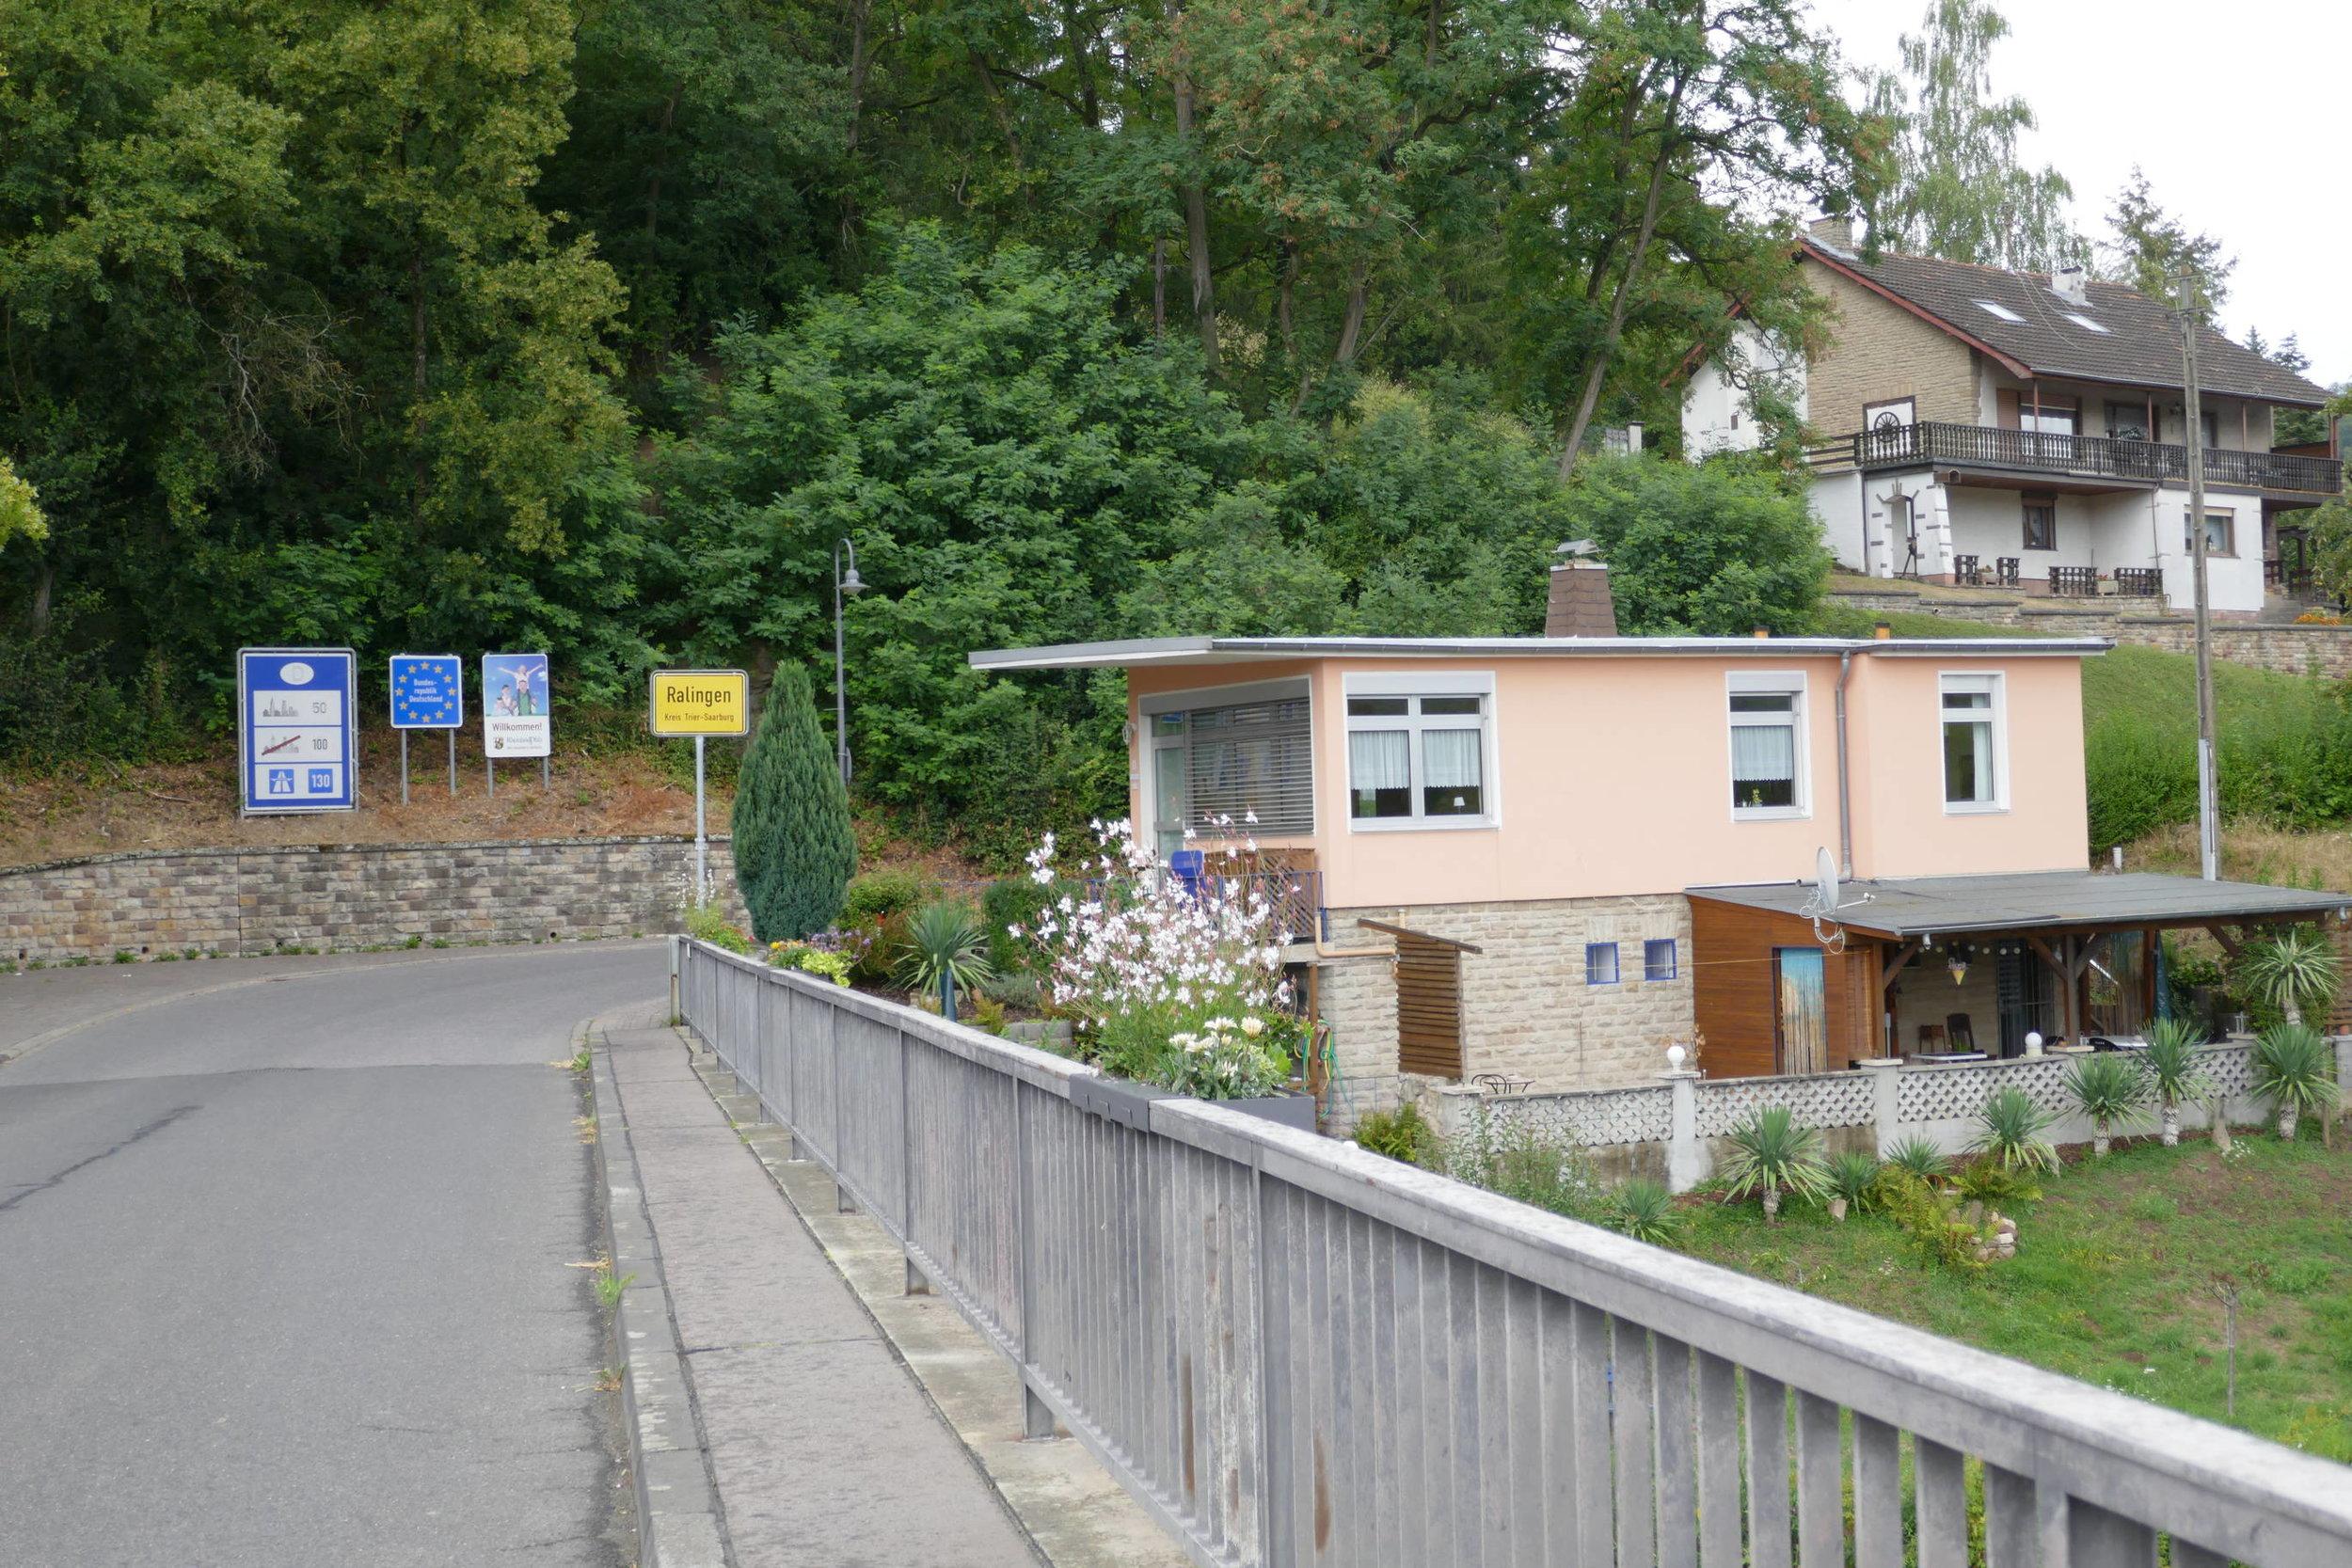 Die alte Grenzstation bei Ralingen